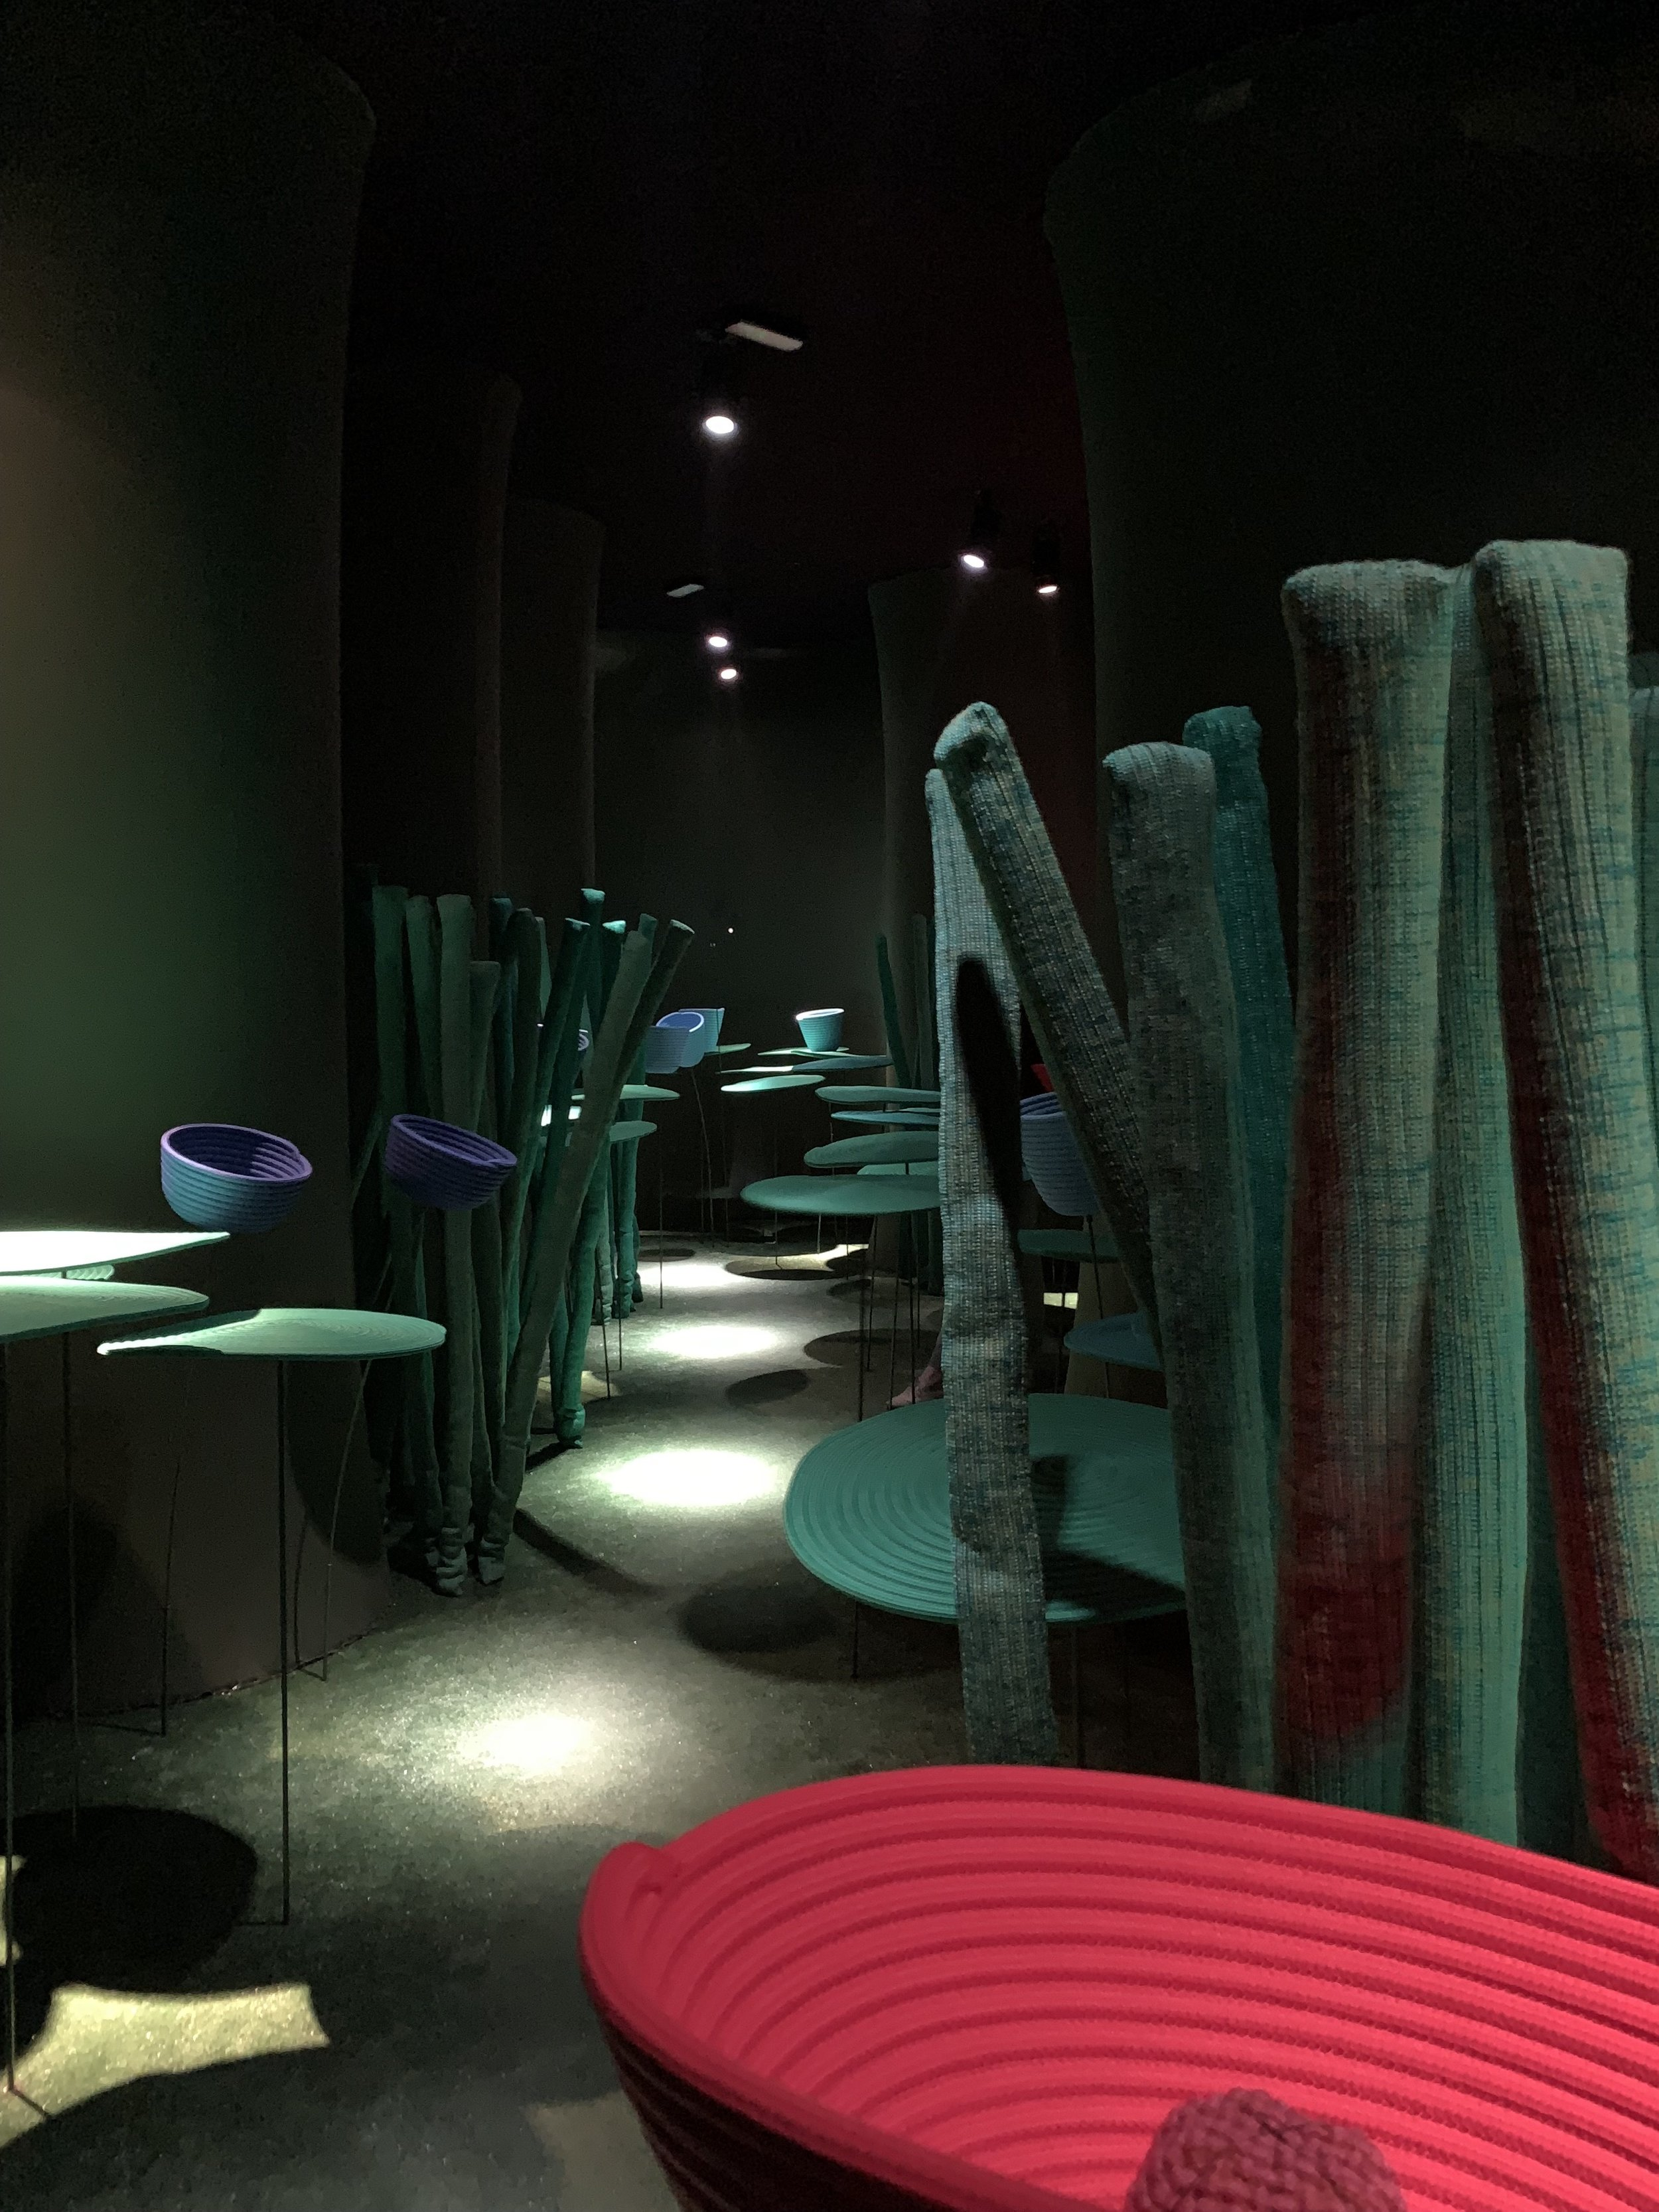 022 Salone del Mobile 2019 Lex de gooijer interiors rotterdam.JPG